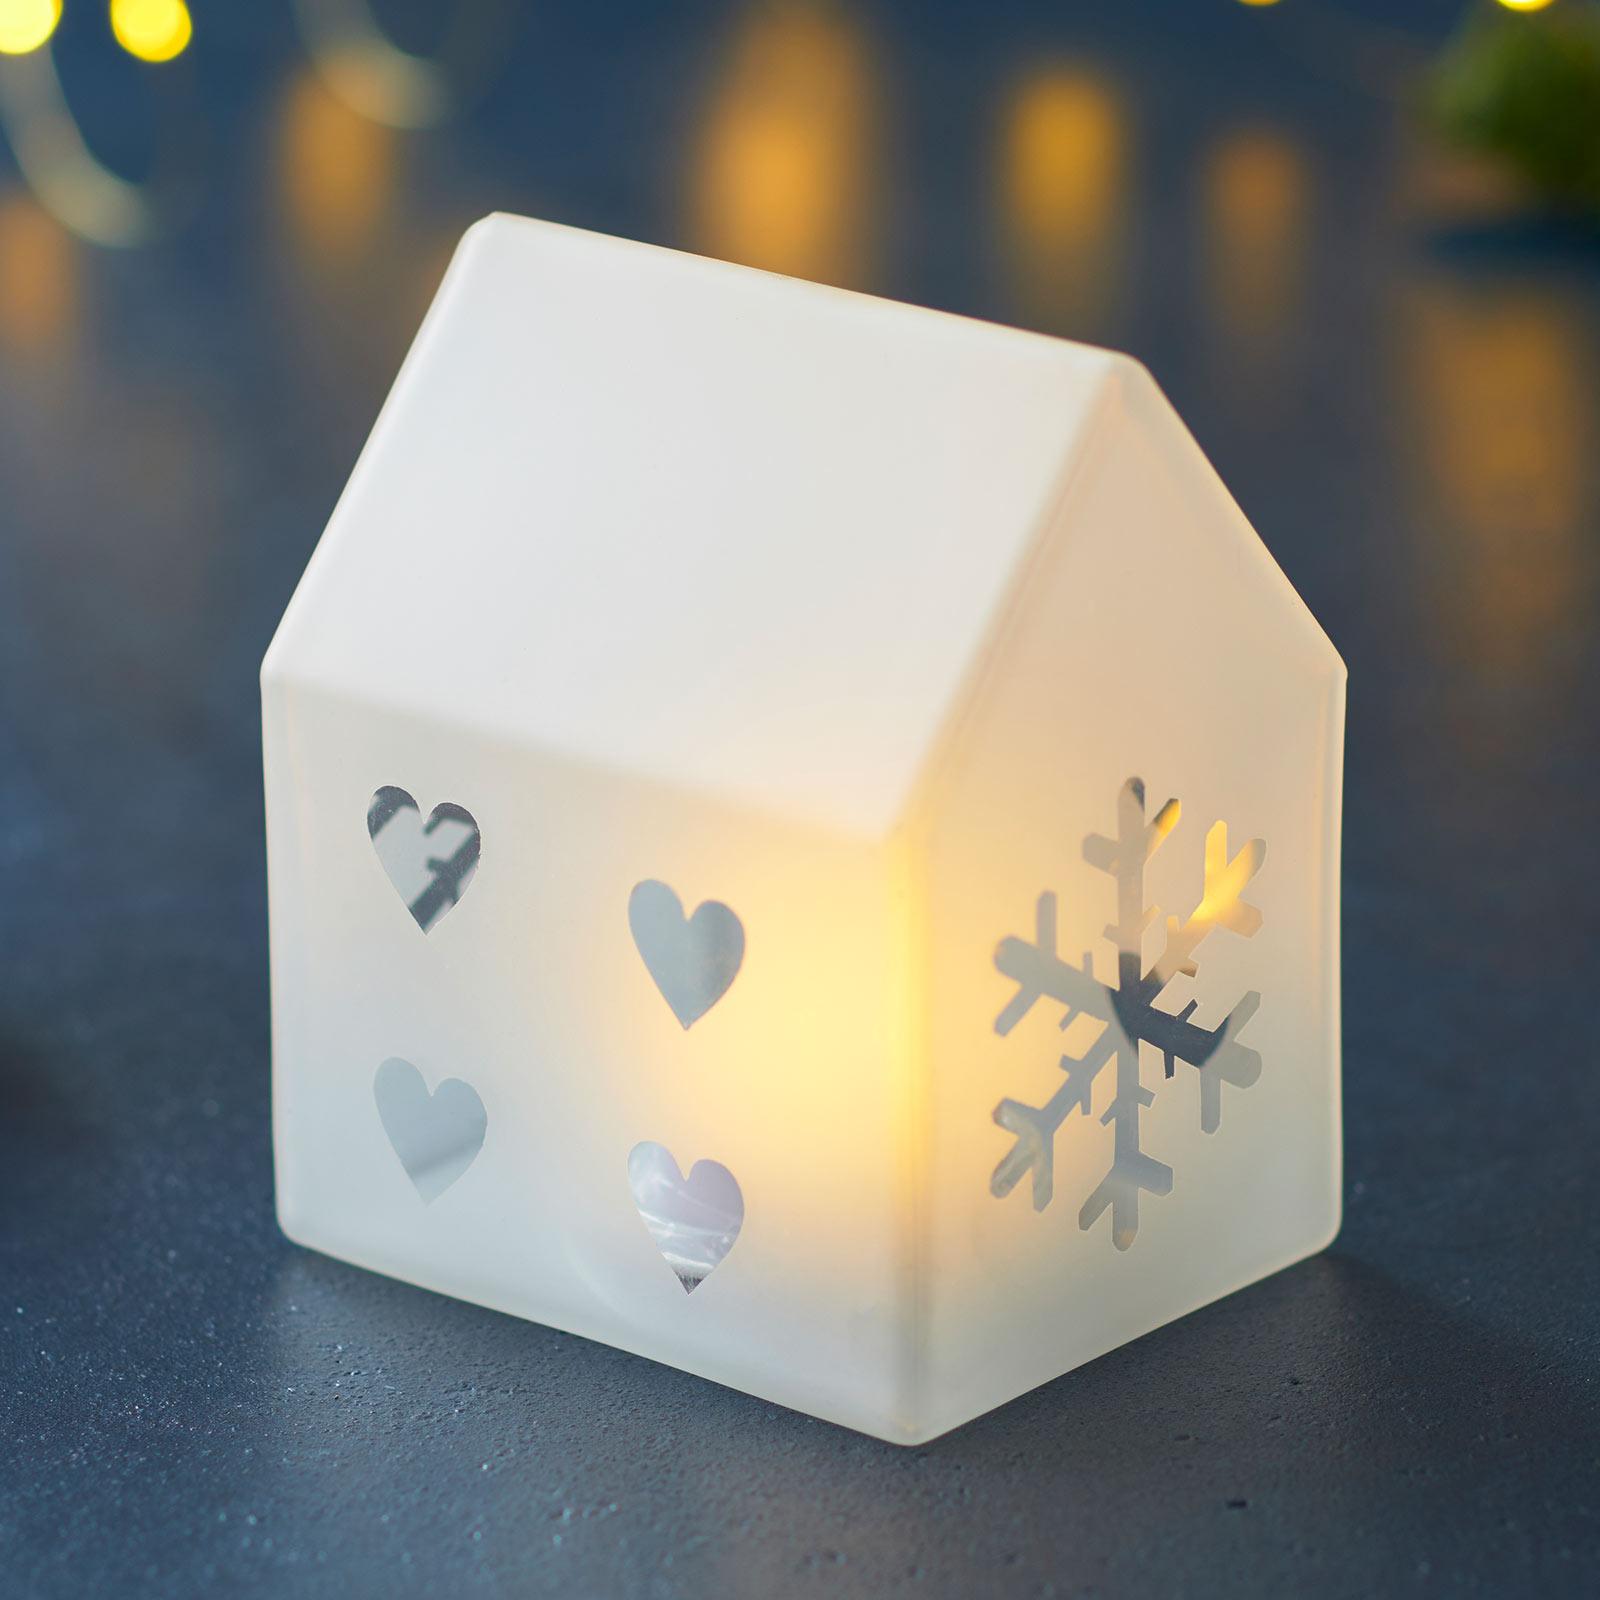 LED sfeerlamp Santa House, hoogte 10 cm